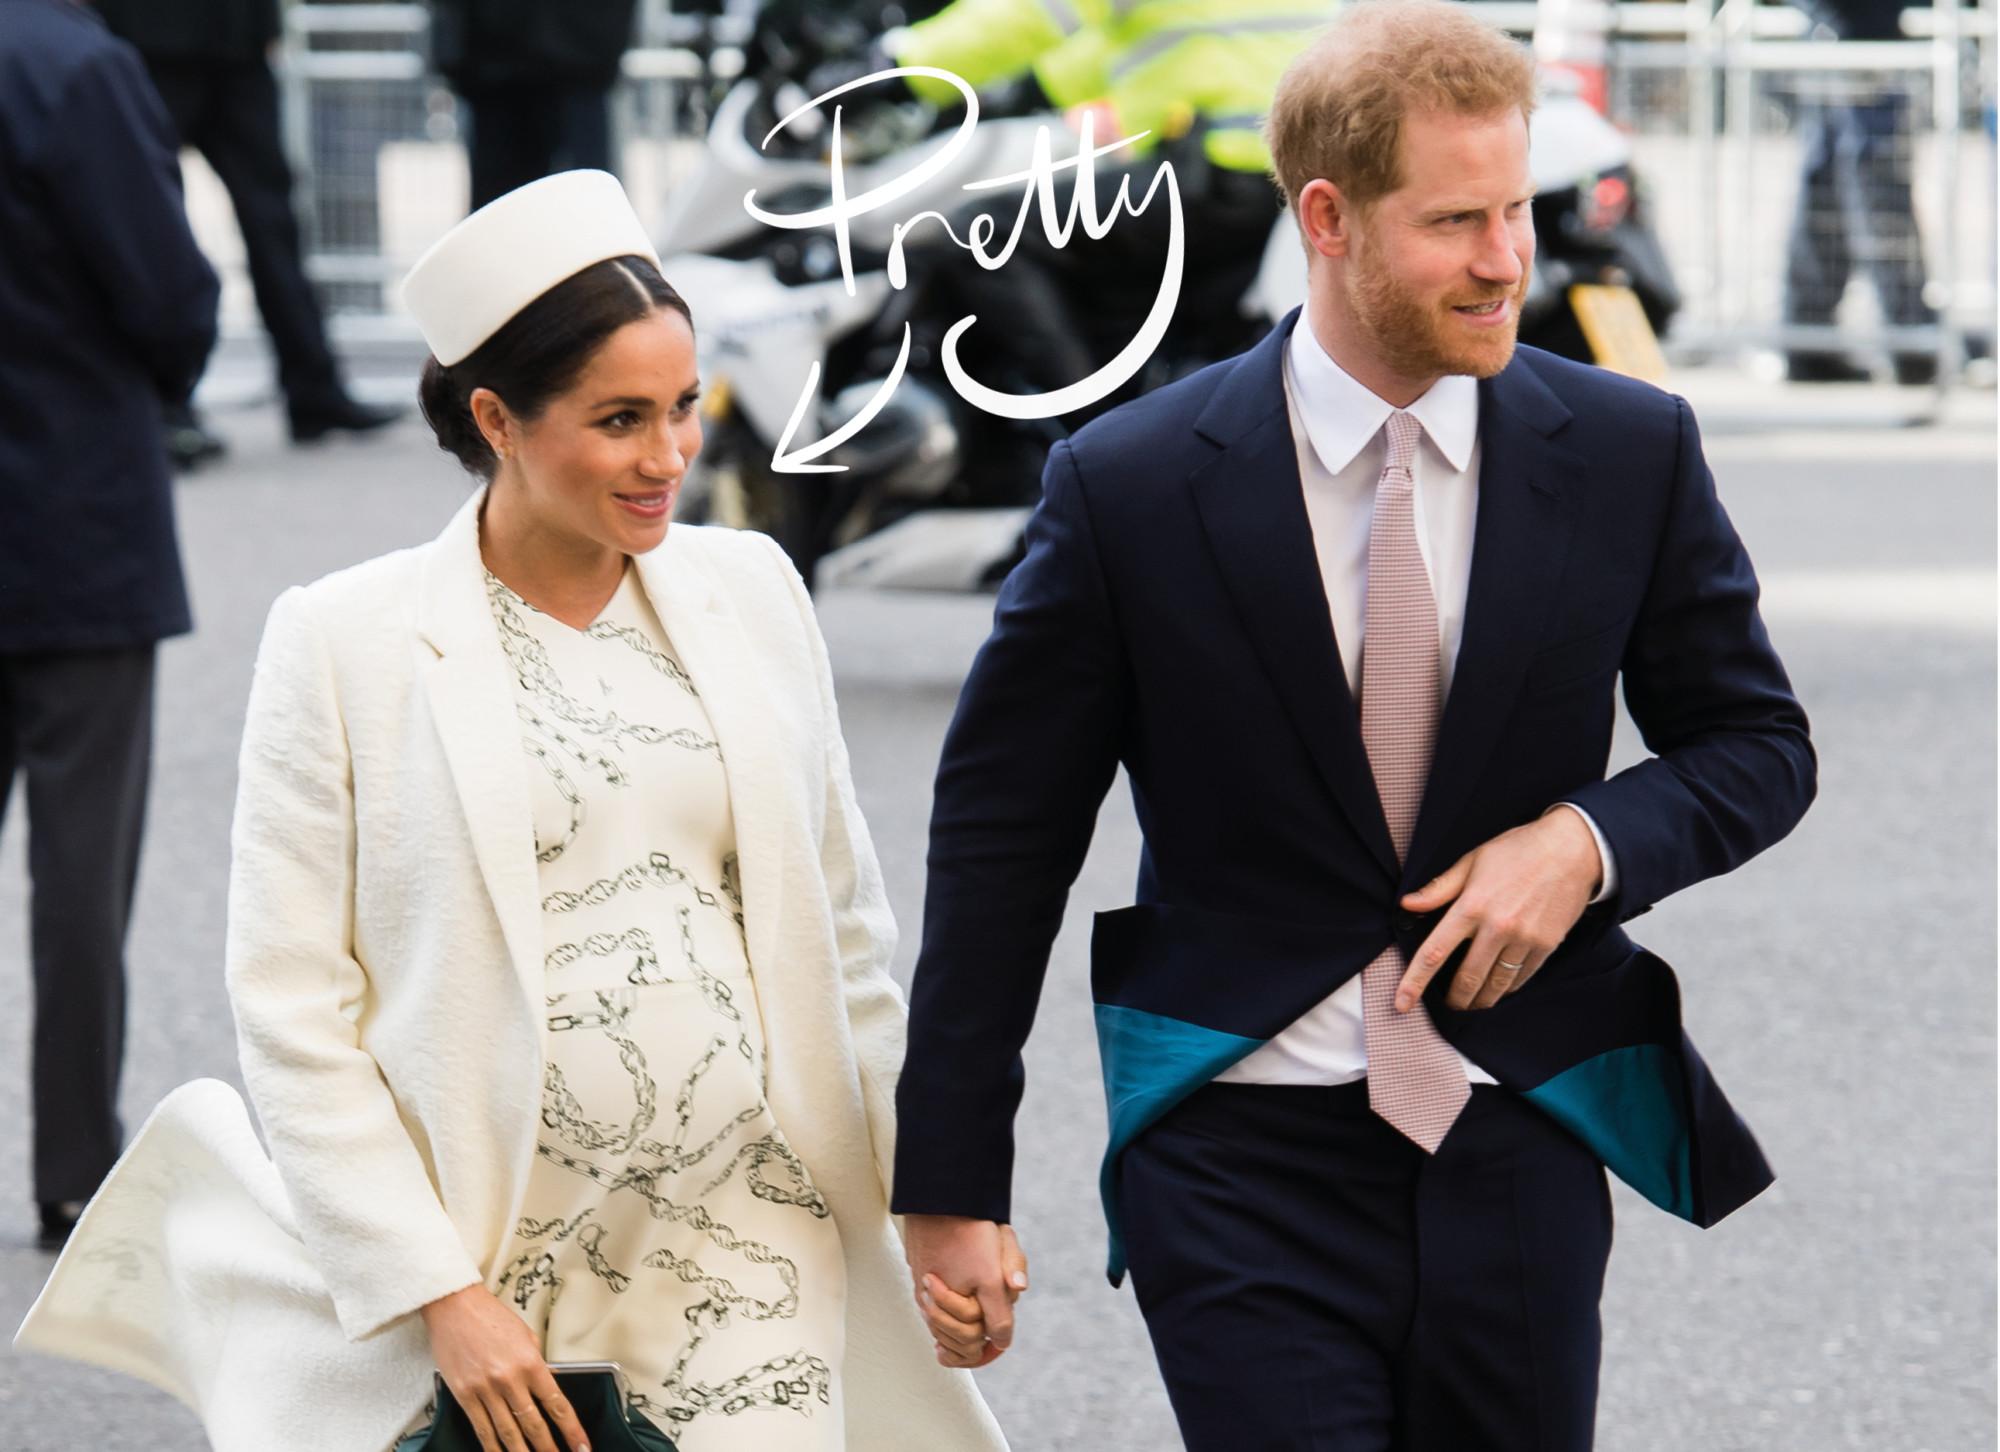 meghan markle en prins harry lopen hand in hand. Meghan draagt een witte jurk met jas en hoed, harry draagt een pak en stropdas